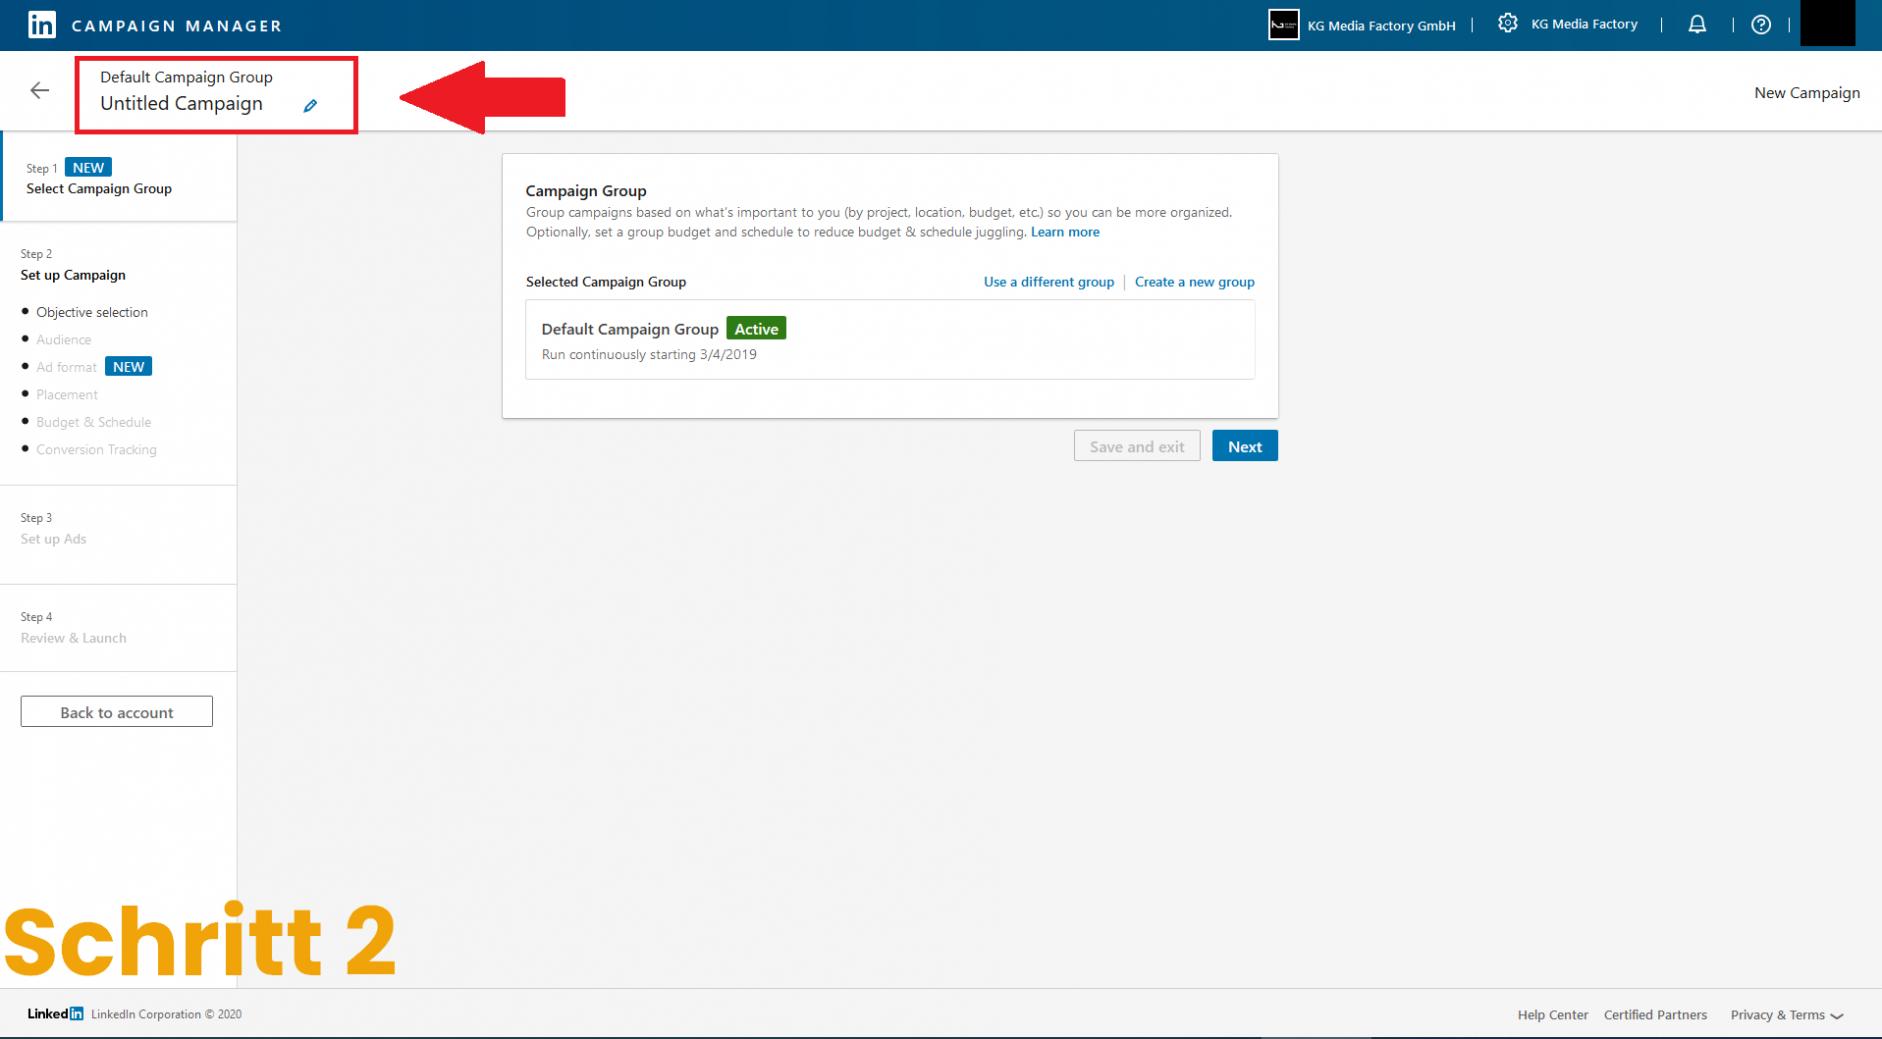 LinkedIn Kampagnenmanager Schritt 2